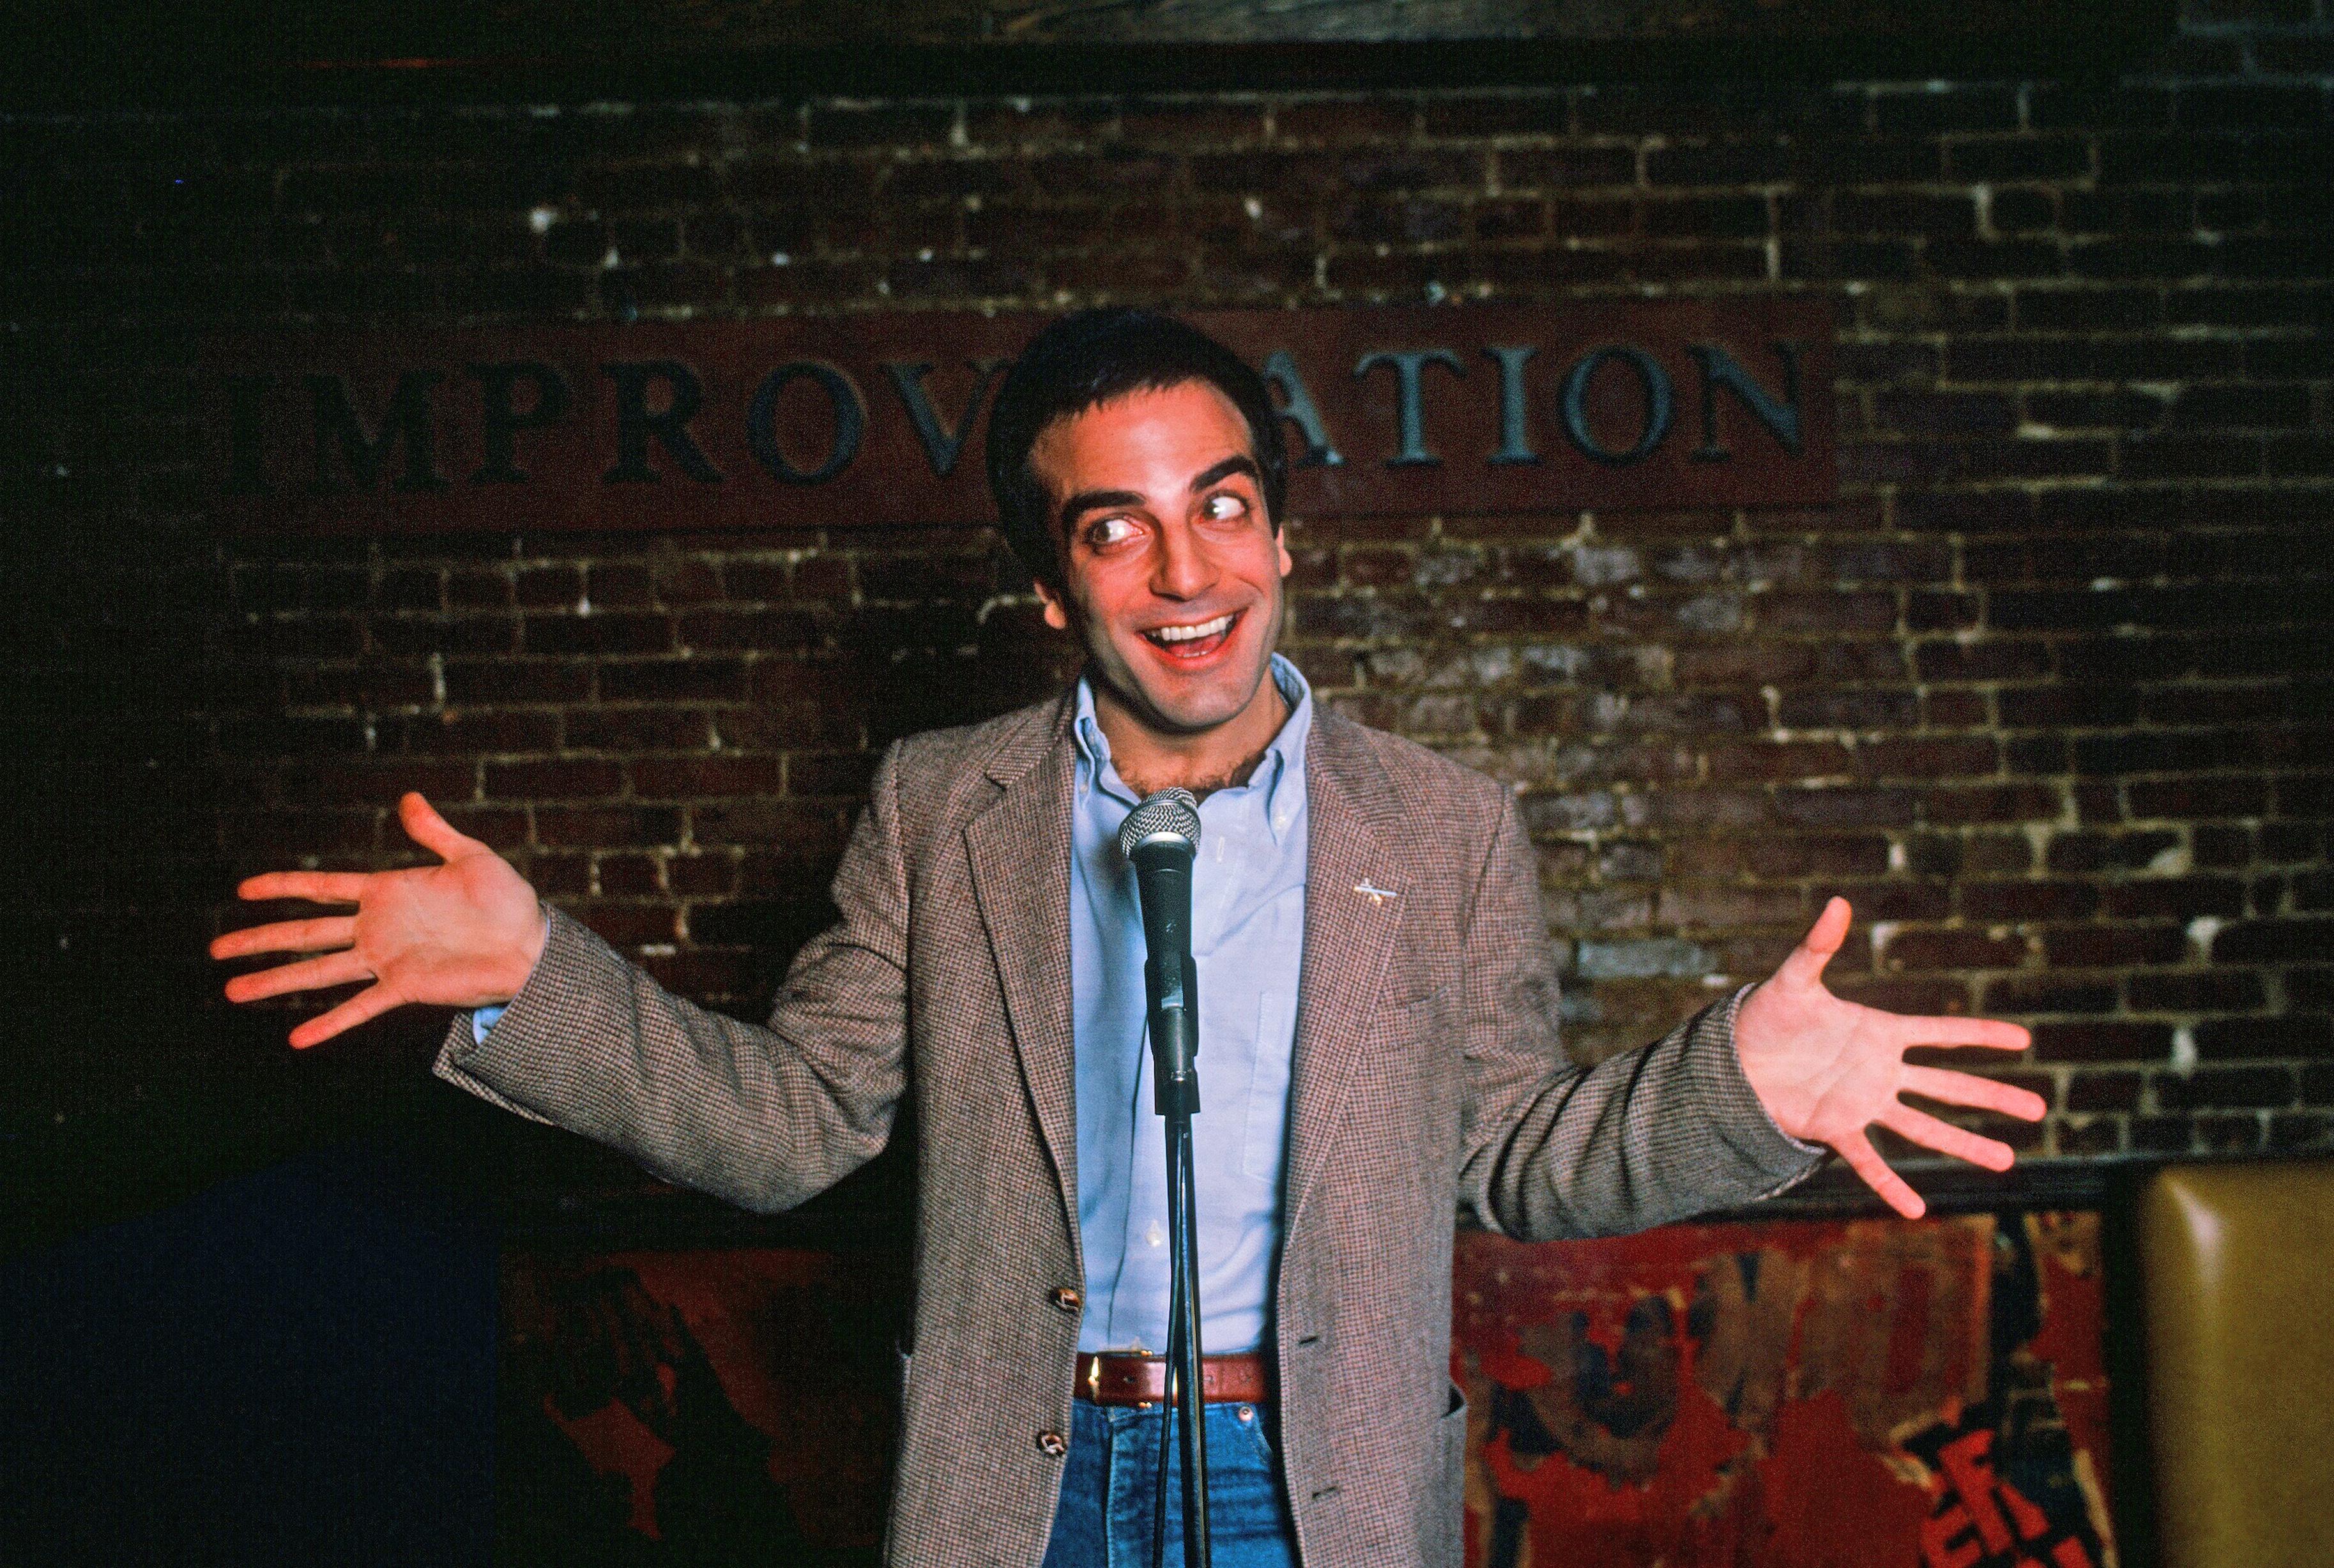 Ron Darian At The Improv